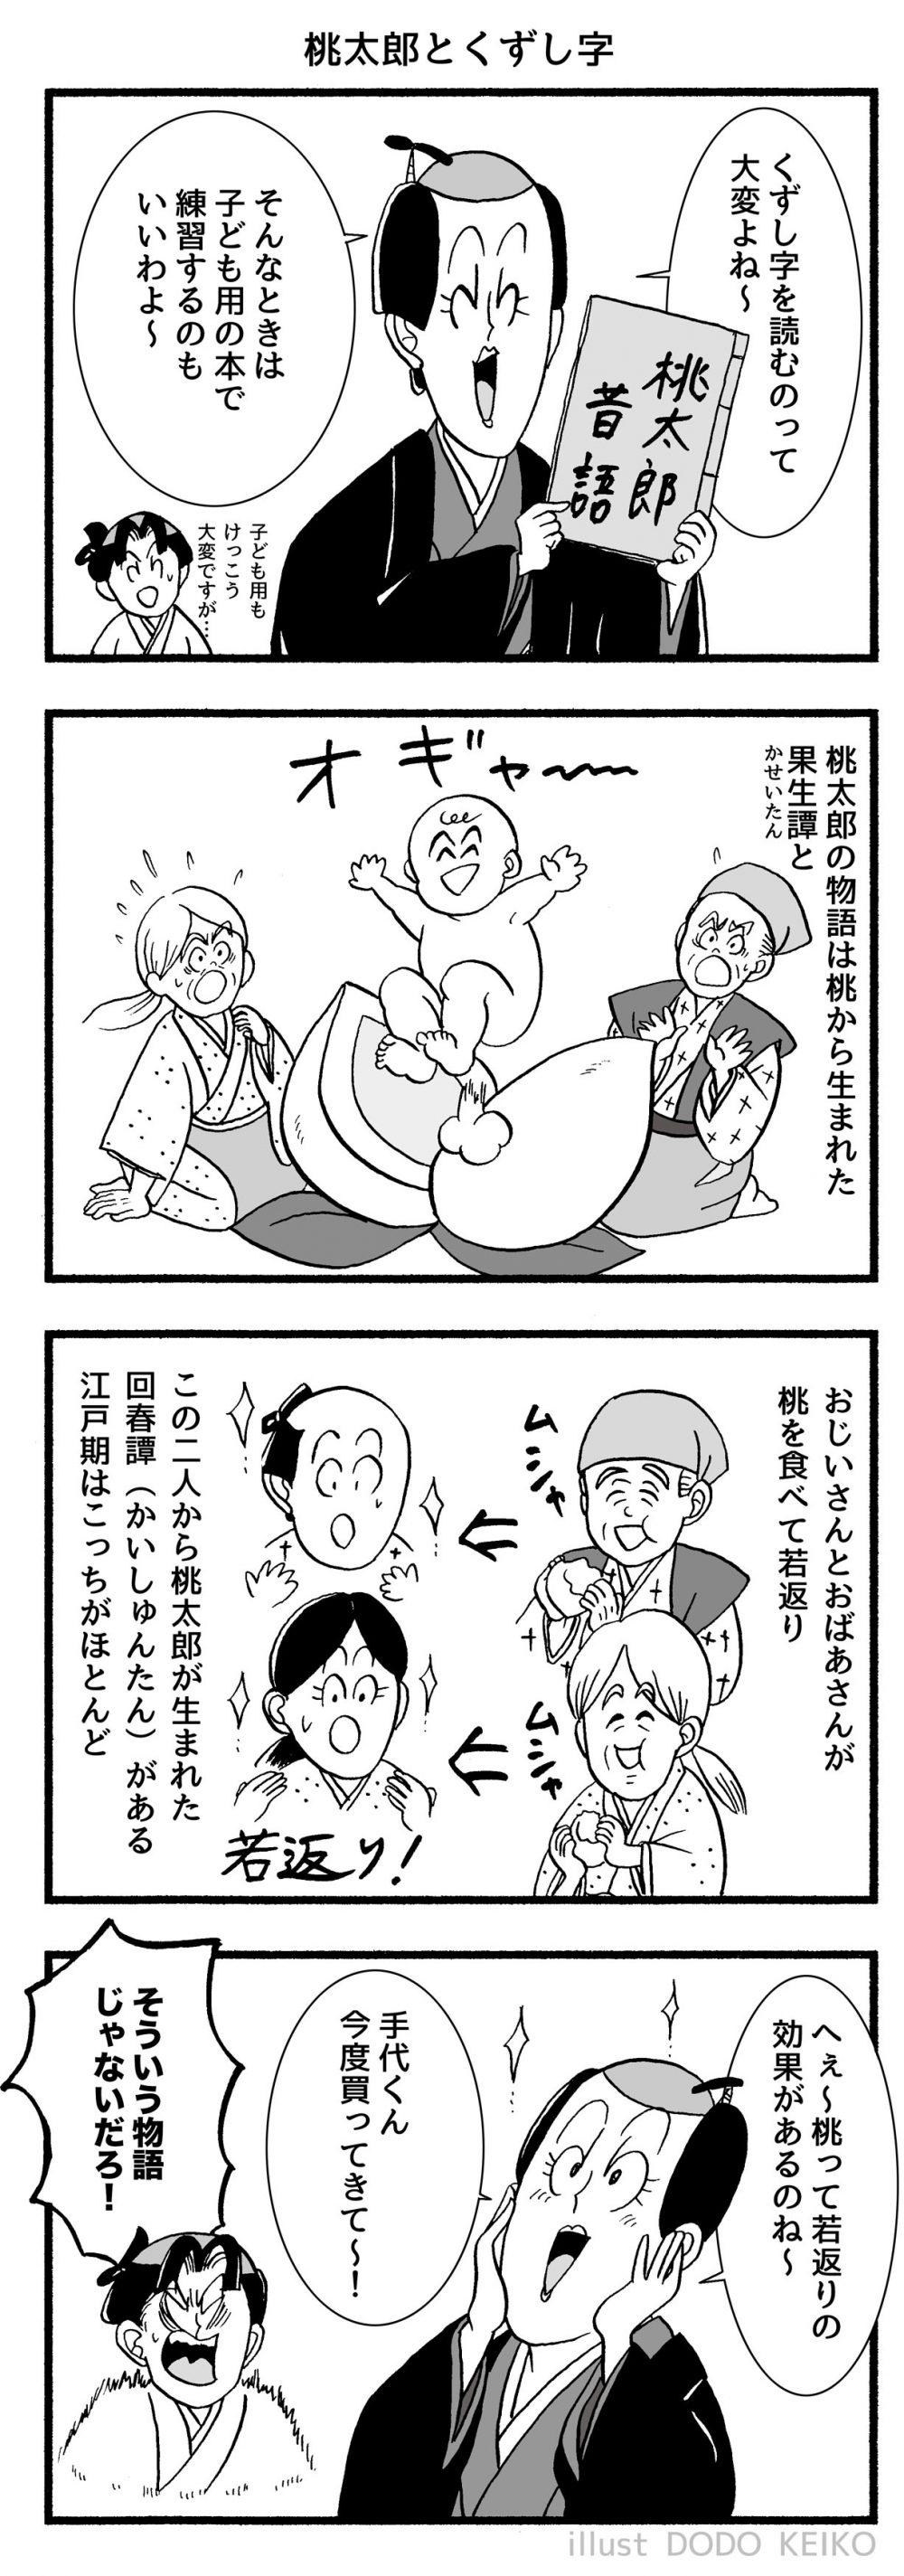 桃太郎昔話マンガ,桃太郎昔話漫画,桃太郎昔語